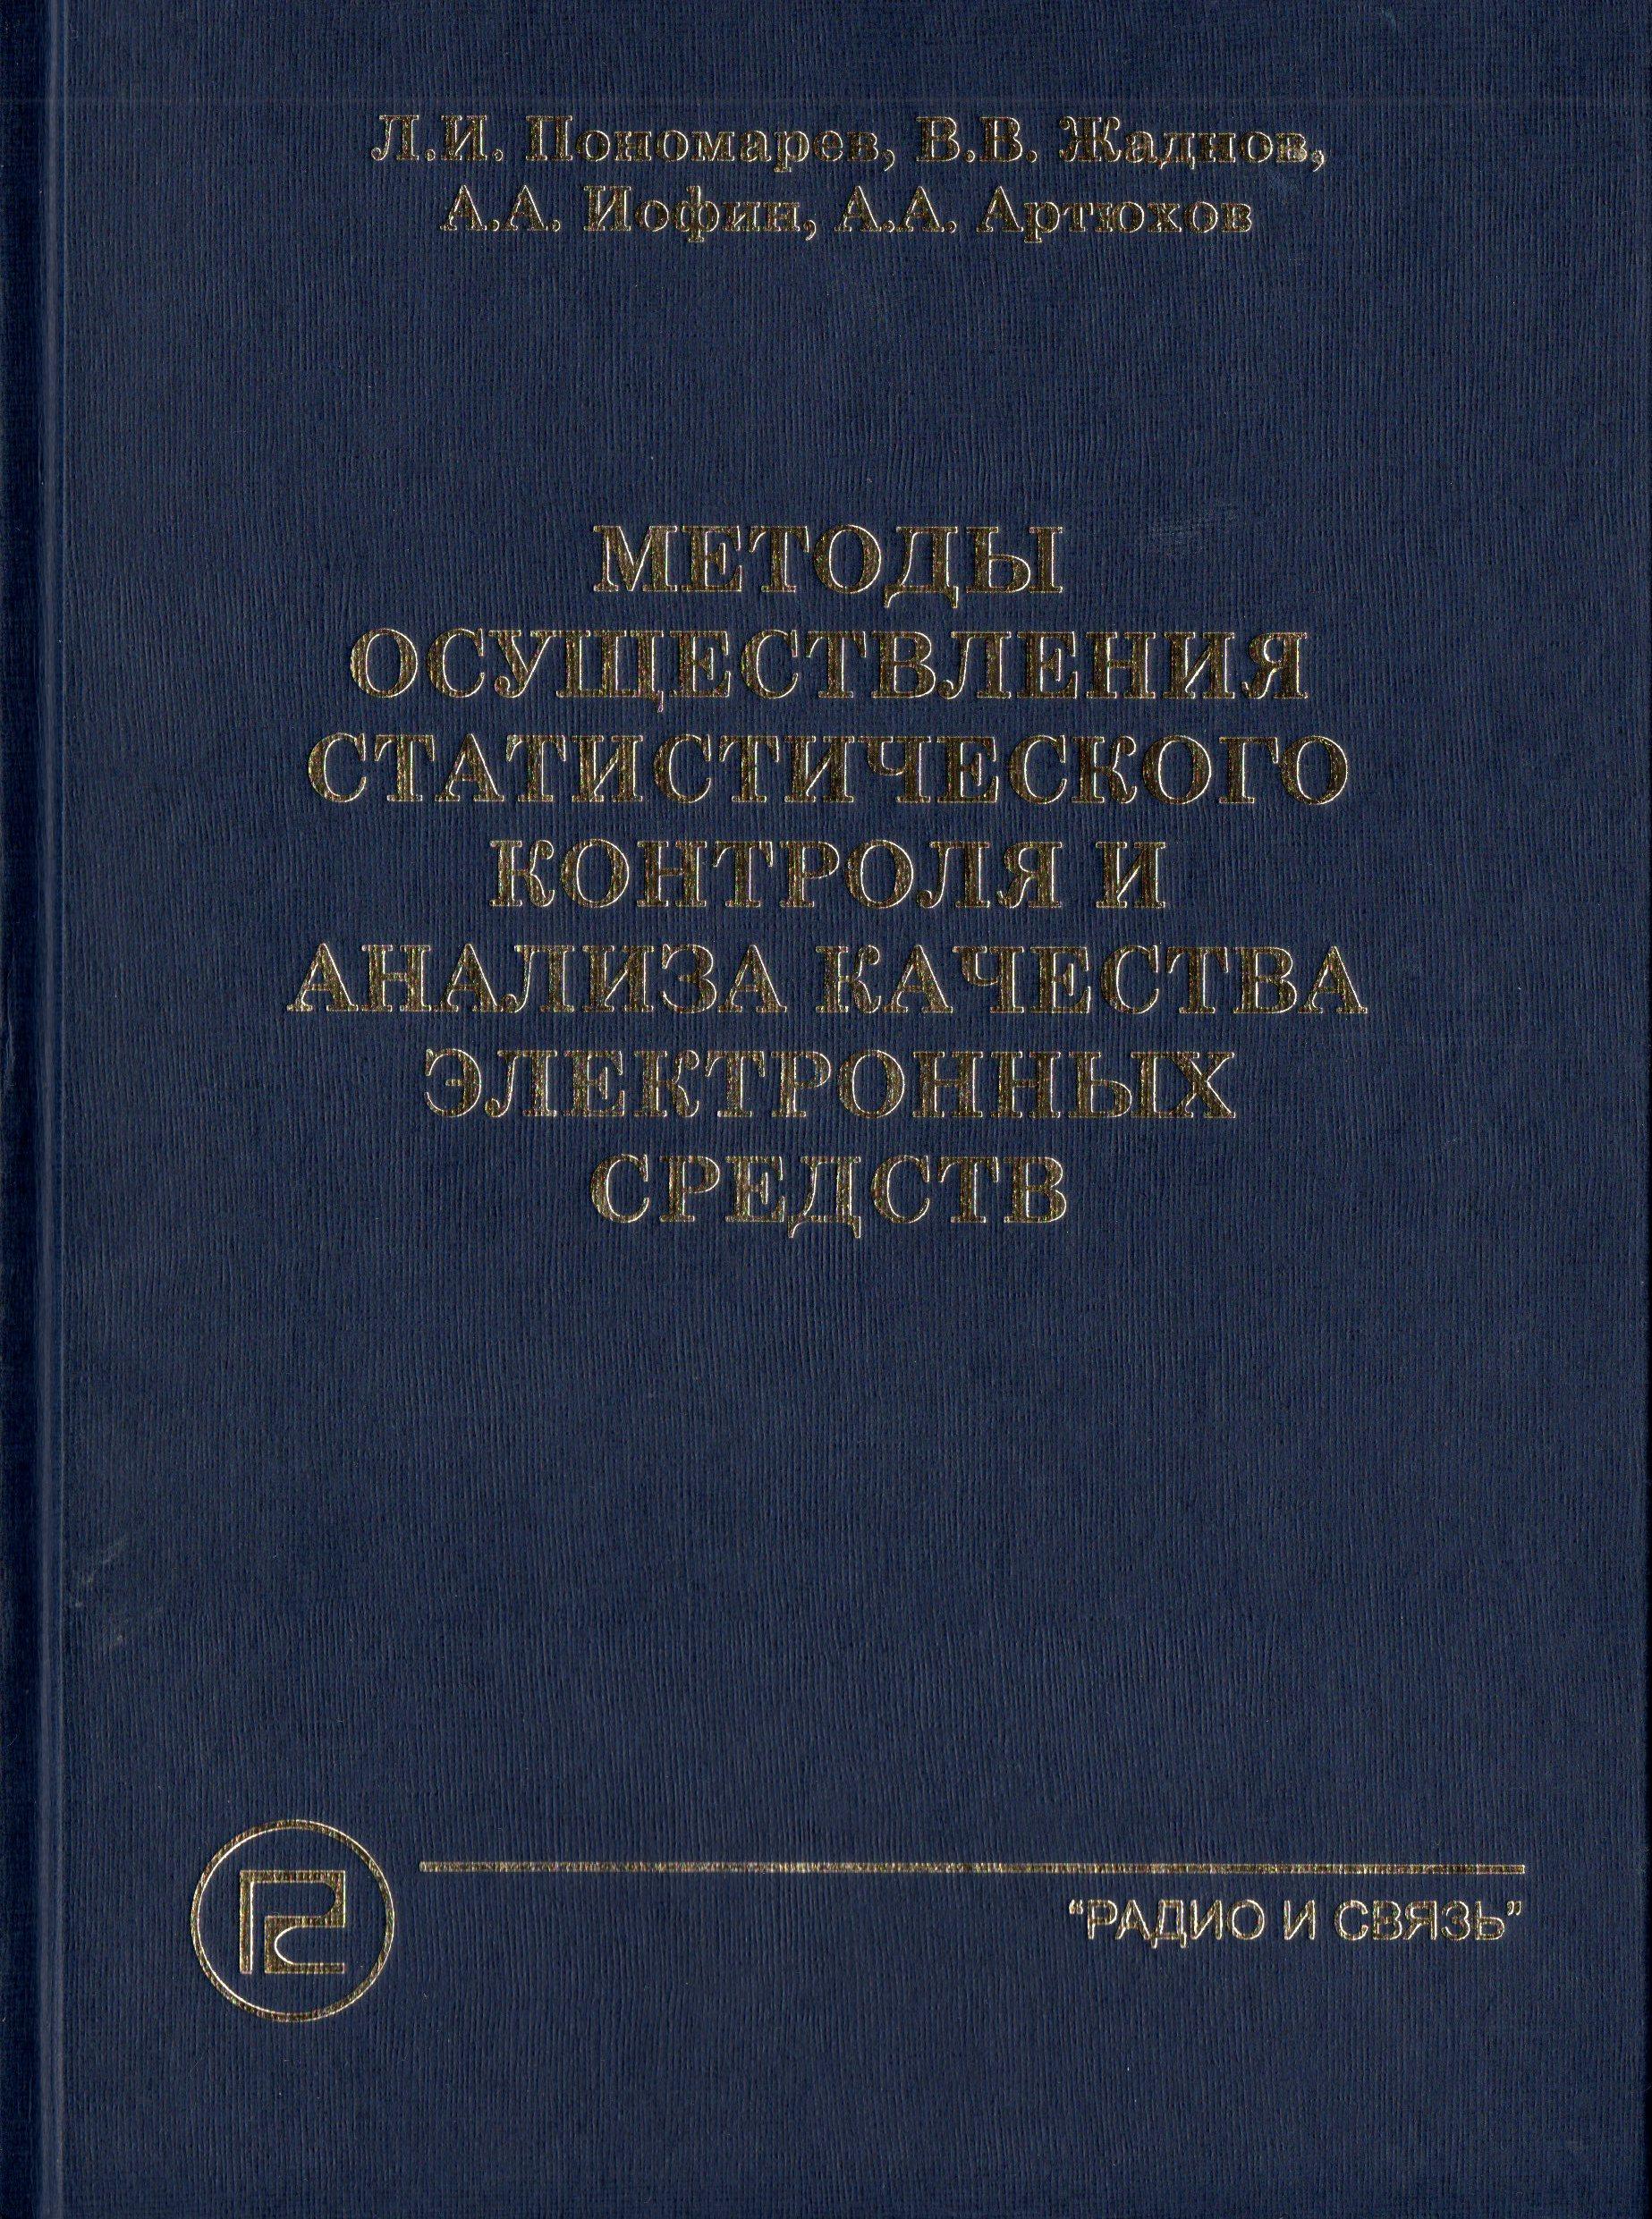 Методы осуществления статистического контроля и анализа качества электронных средств: Научное издание